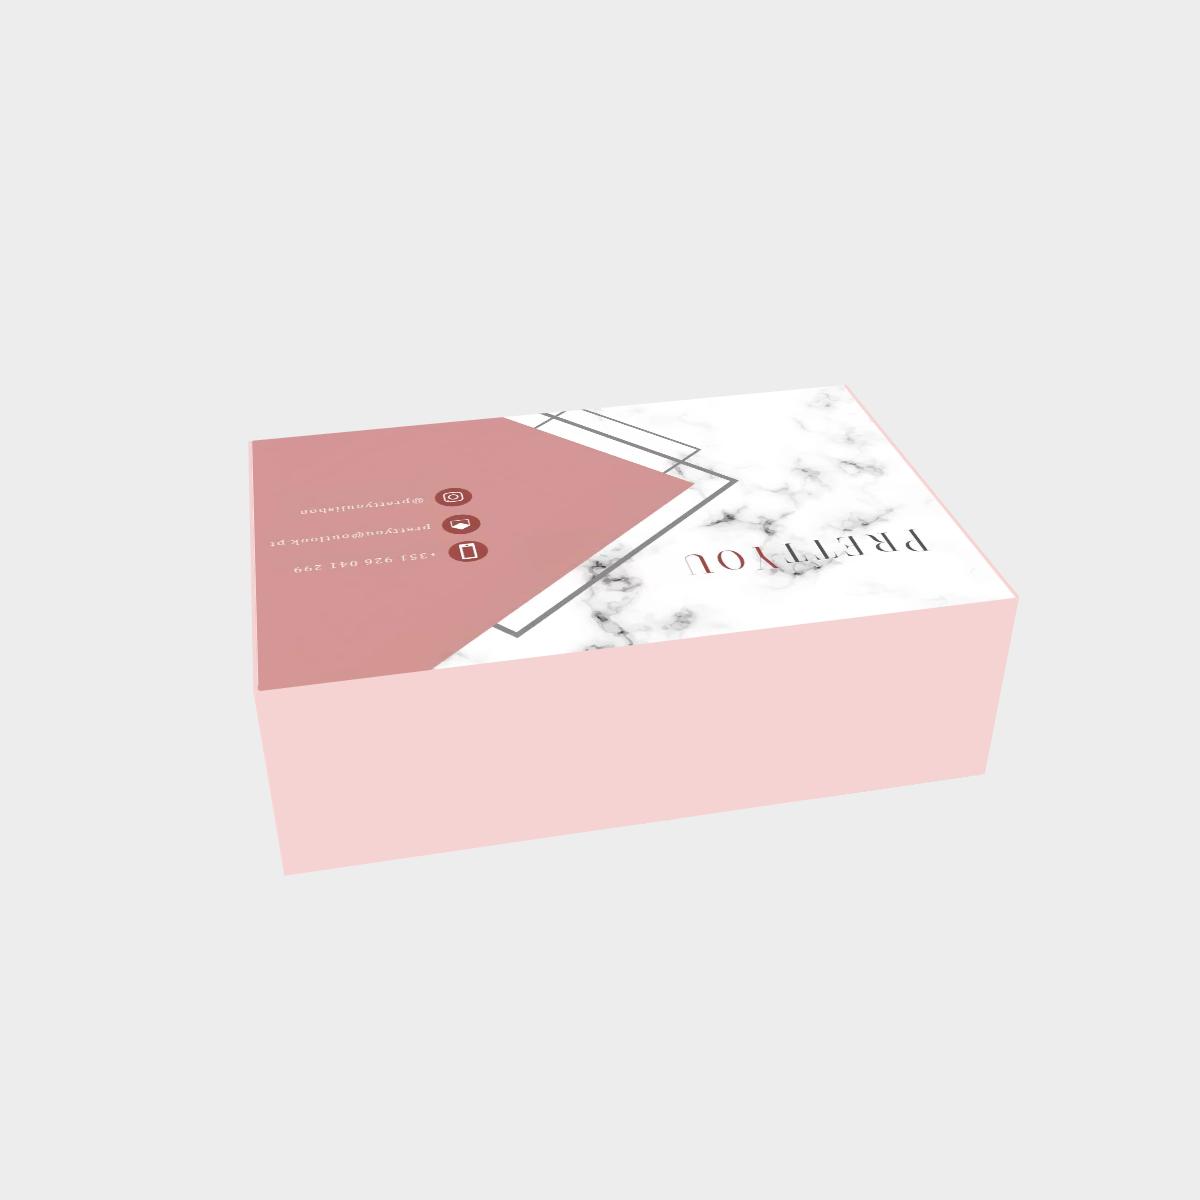 공장 싼 가격 로고 인쇄 턱받이 유형 골판지 포장 상자 생일 케이크/도넛